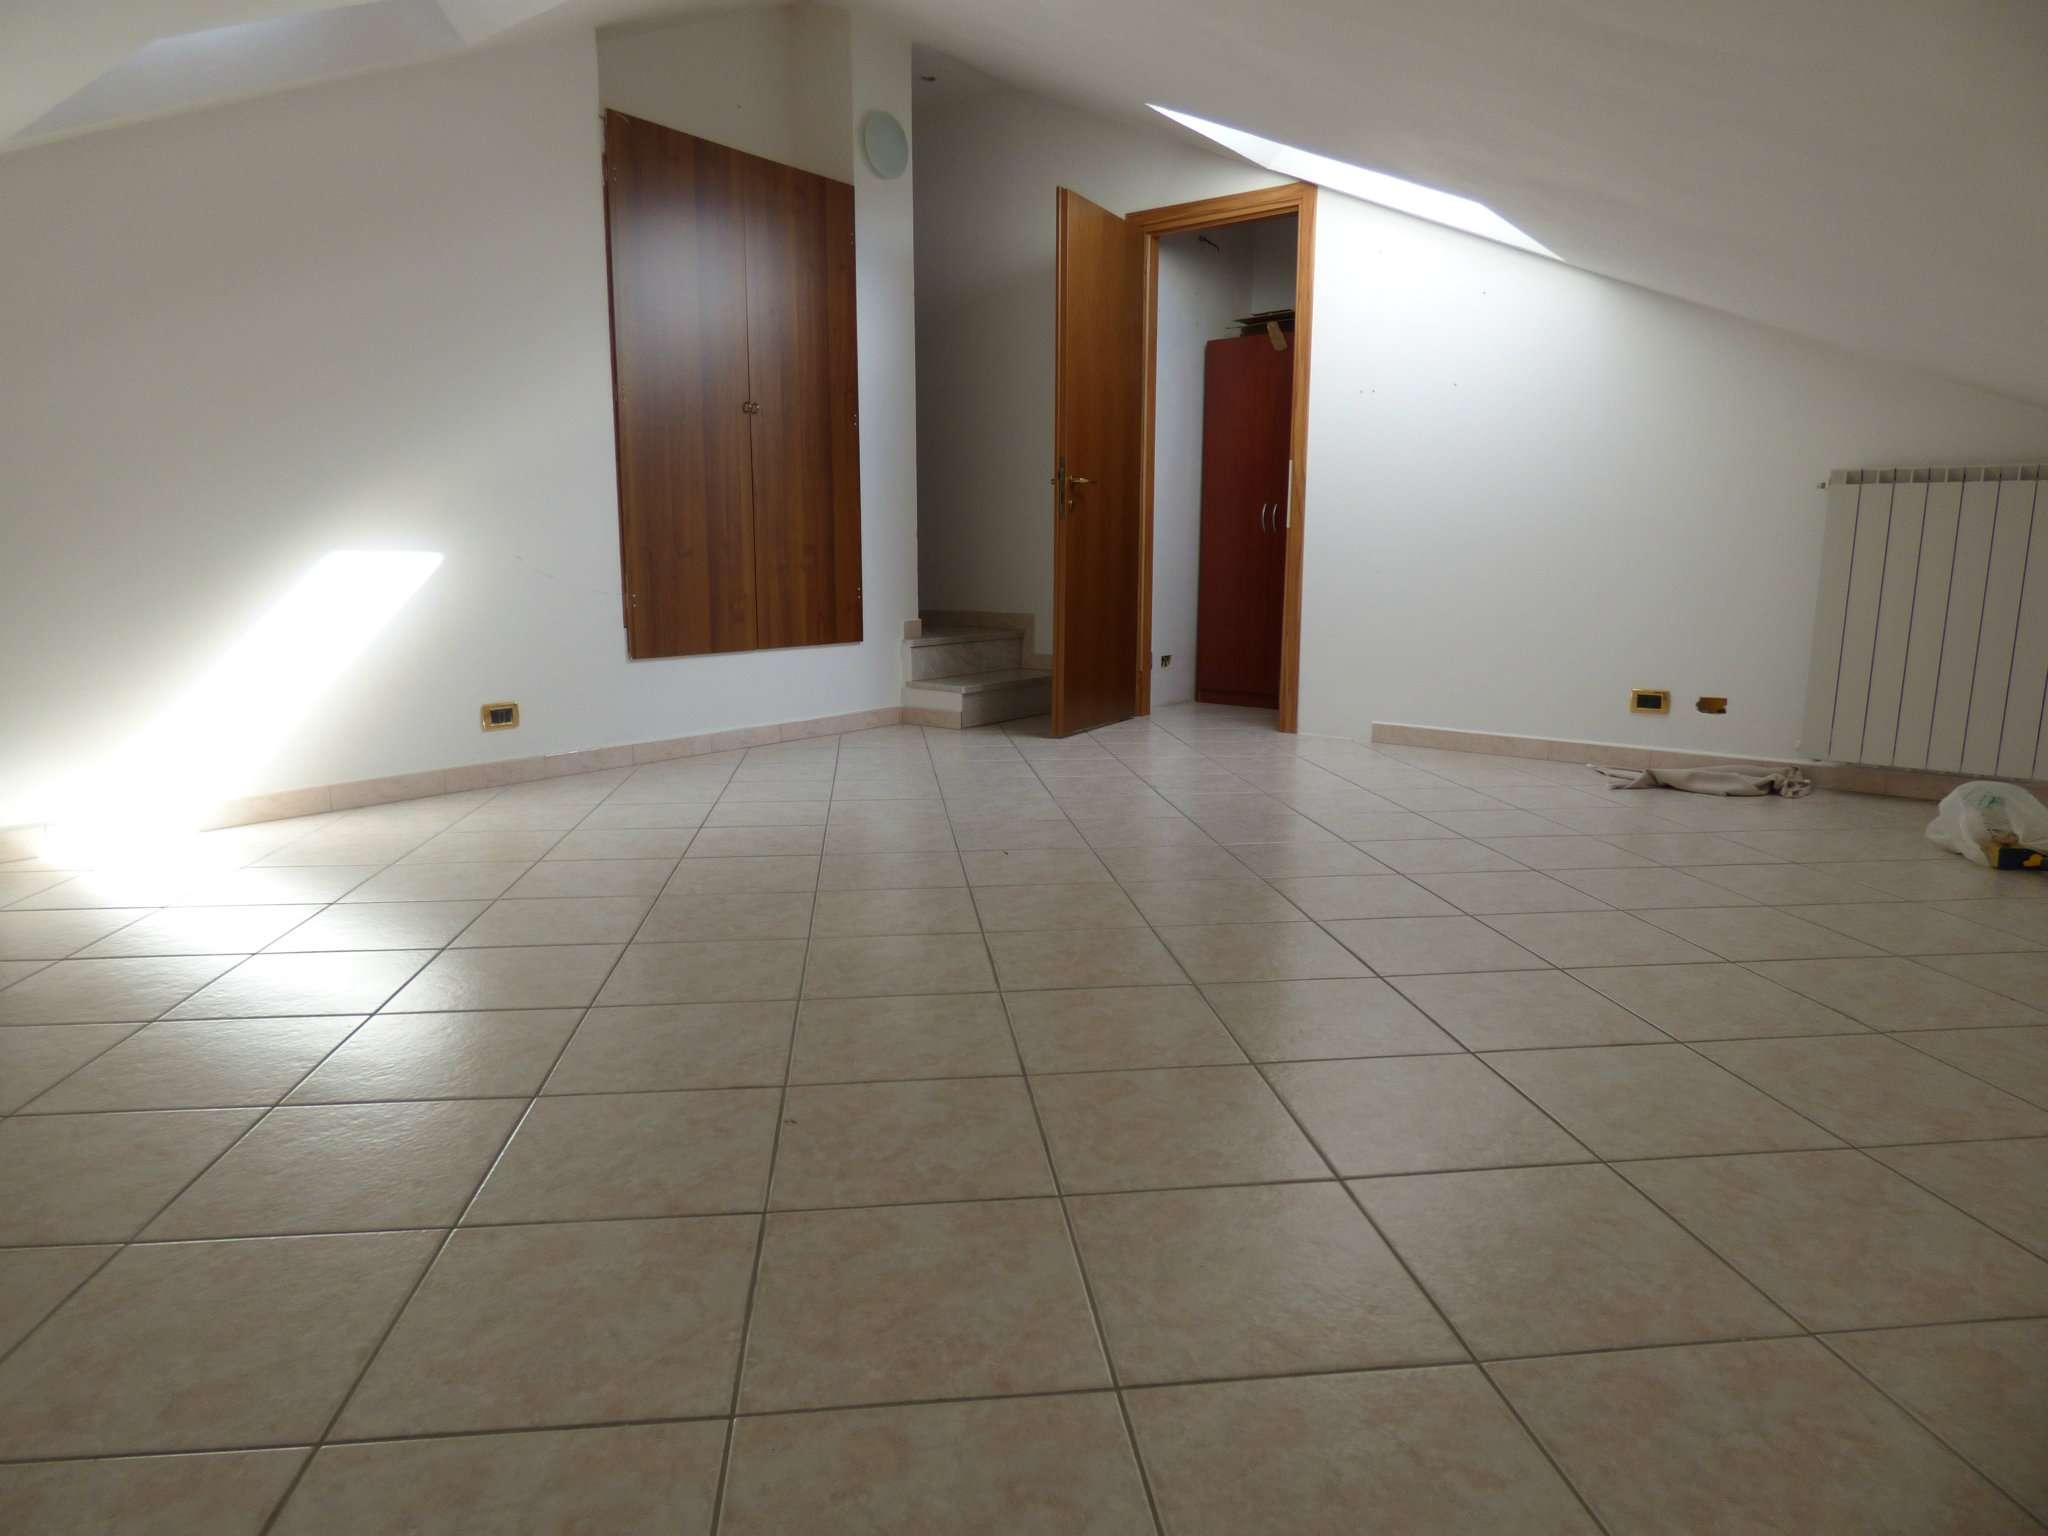 Appartamento in vendita a Borgaro Torinese, 2 locali, prezzo € 54.000   CambioCasa.it